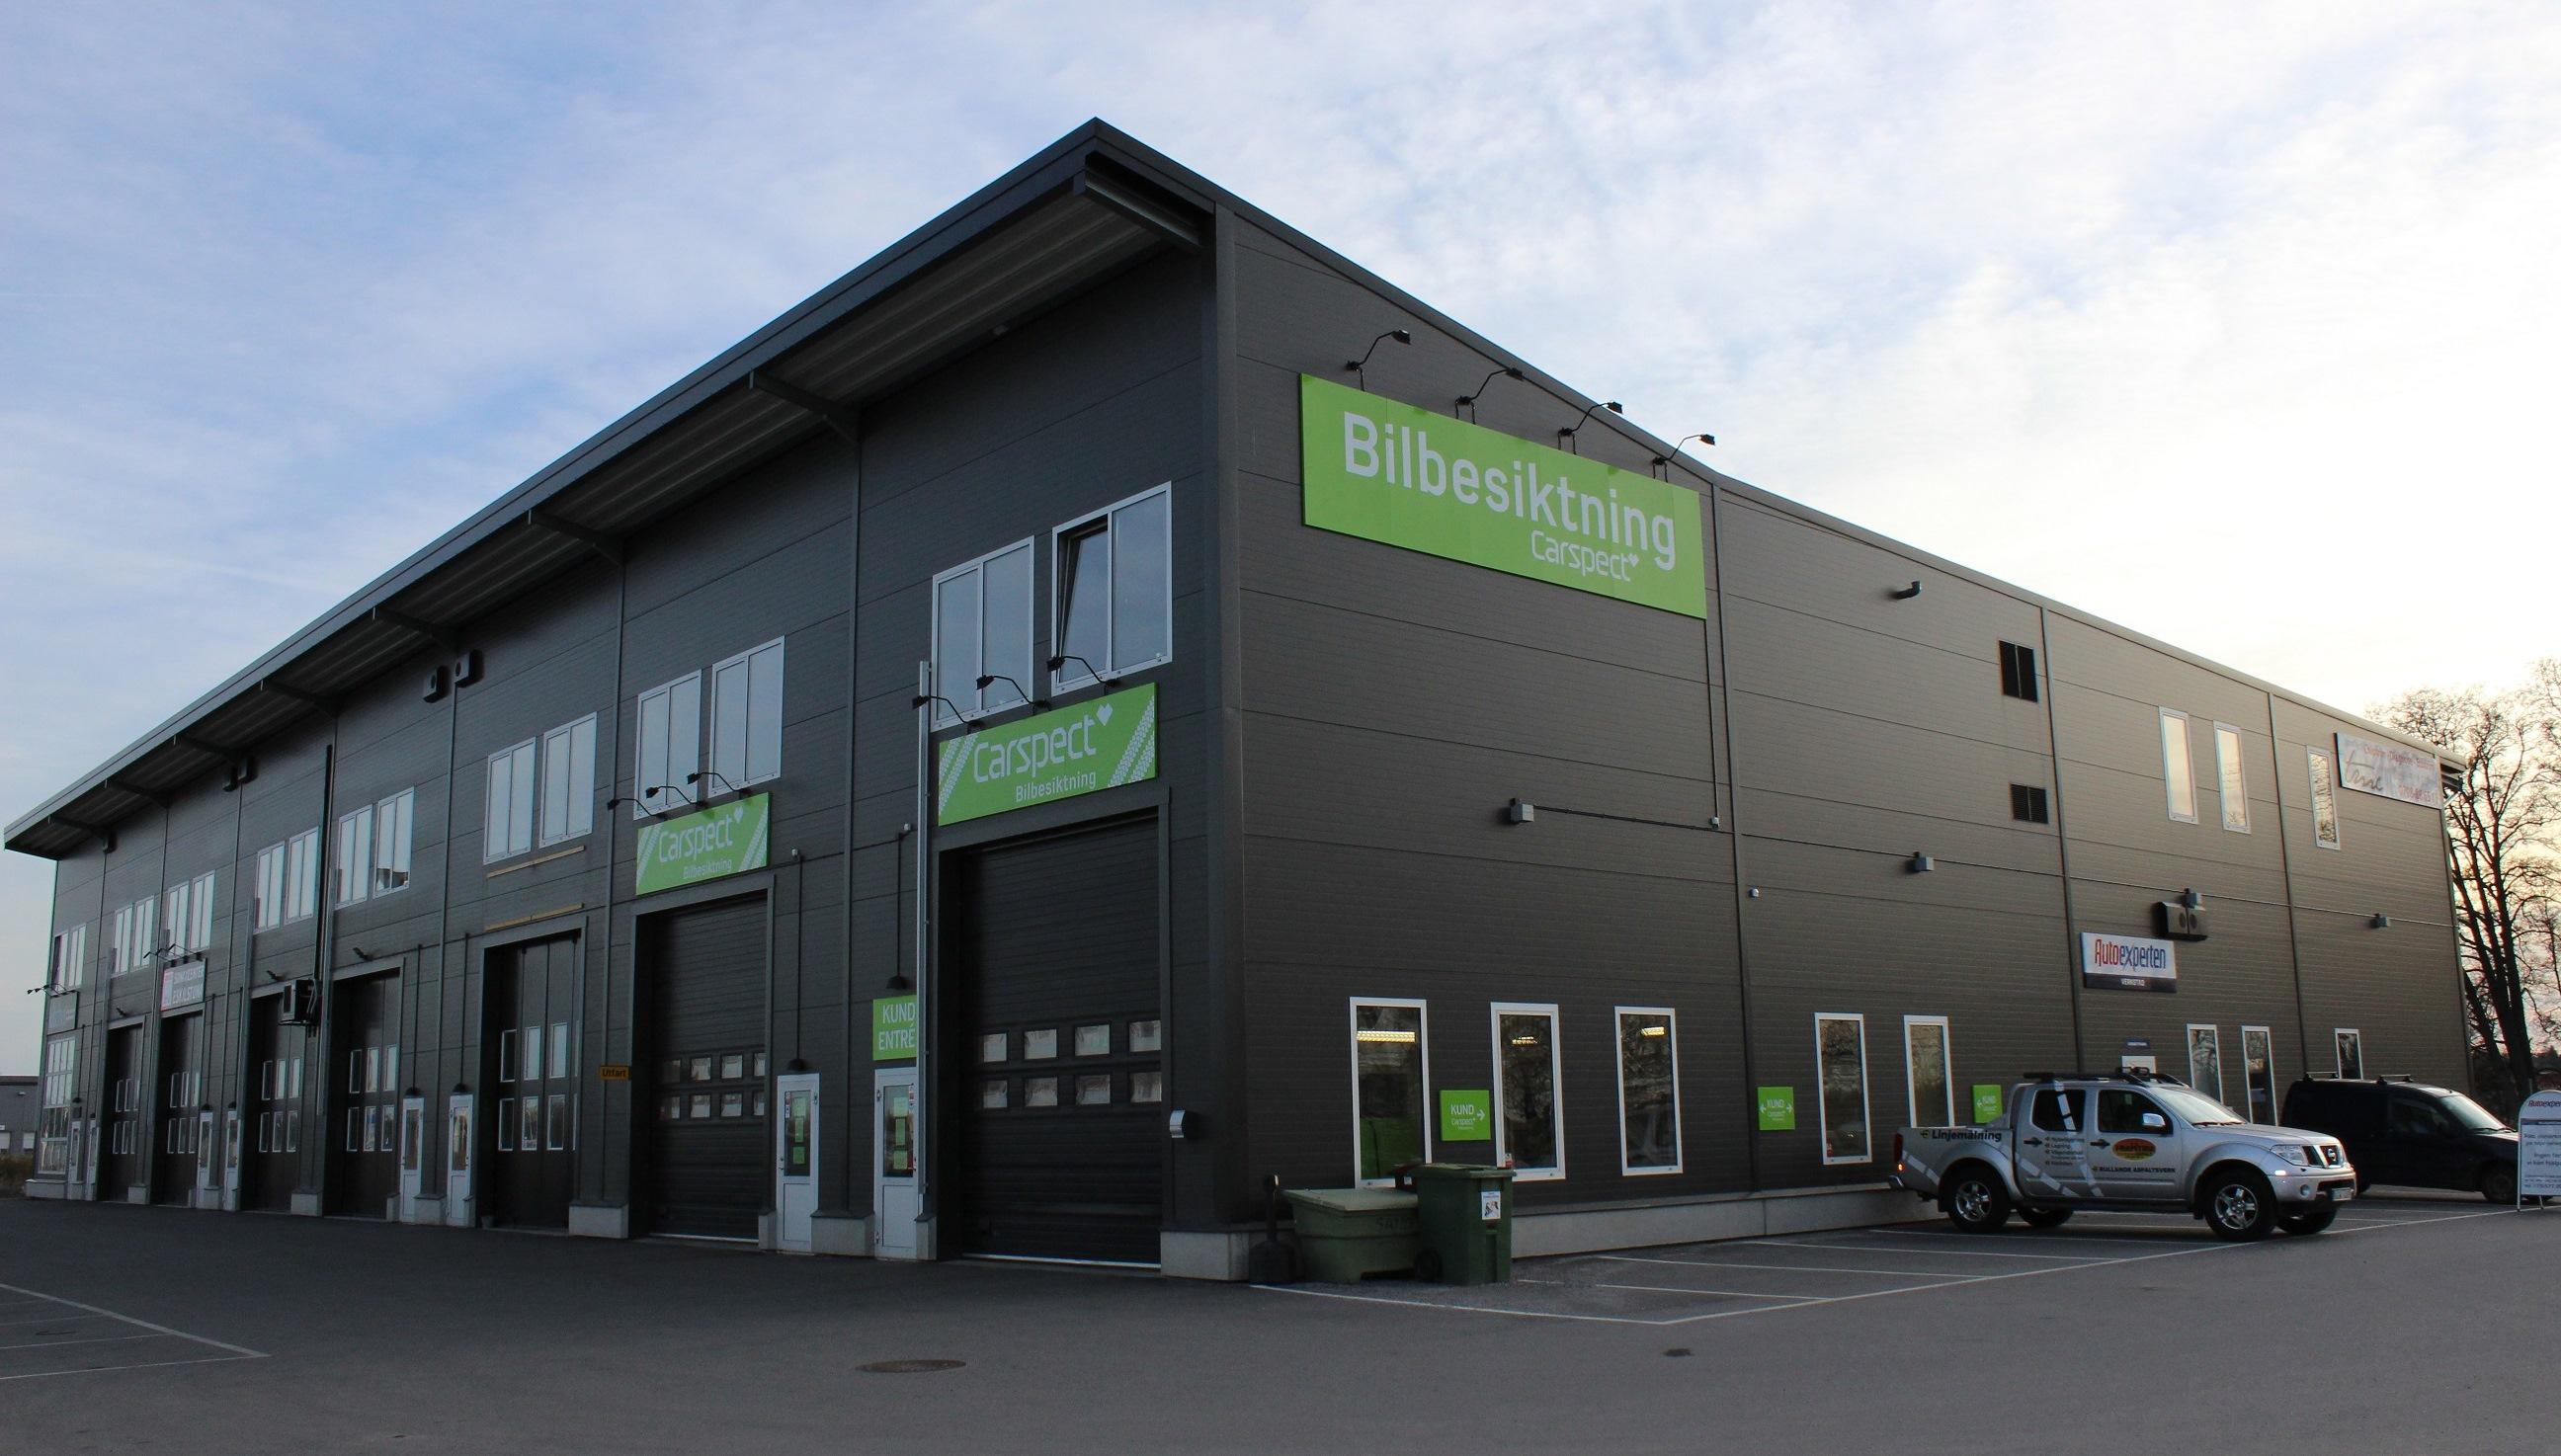 Carspects besiktningsstation i Västerleden, Eskilstuna